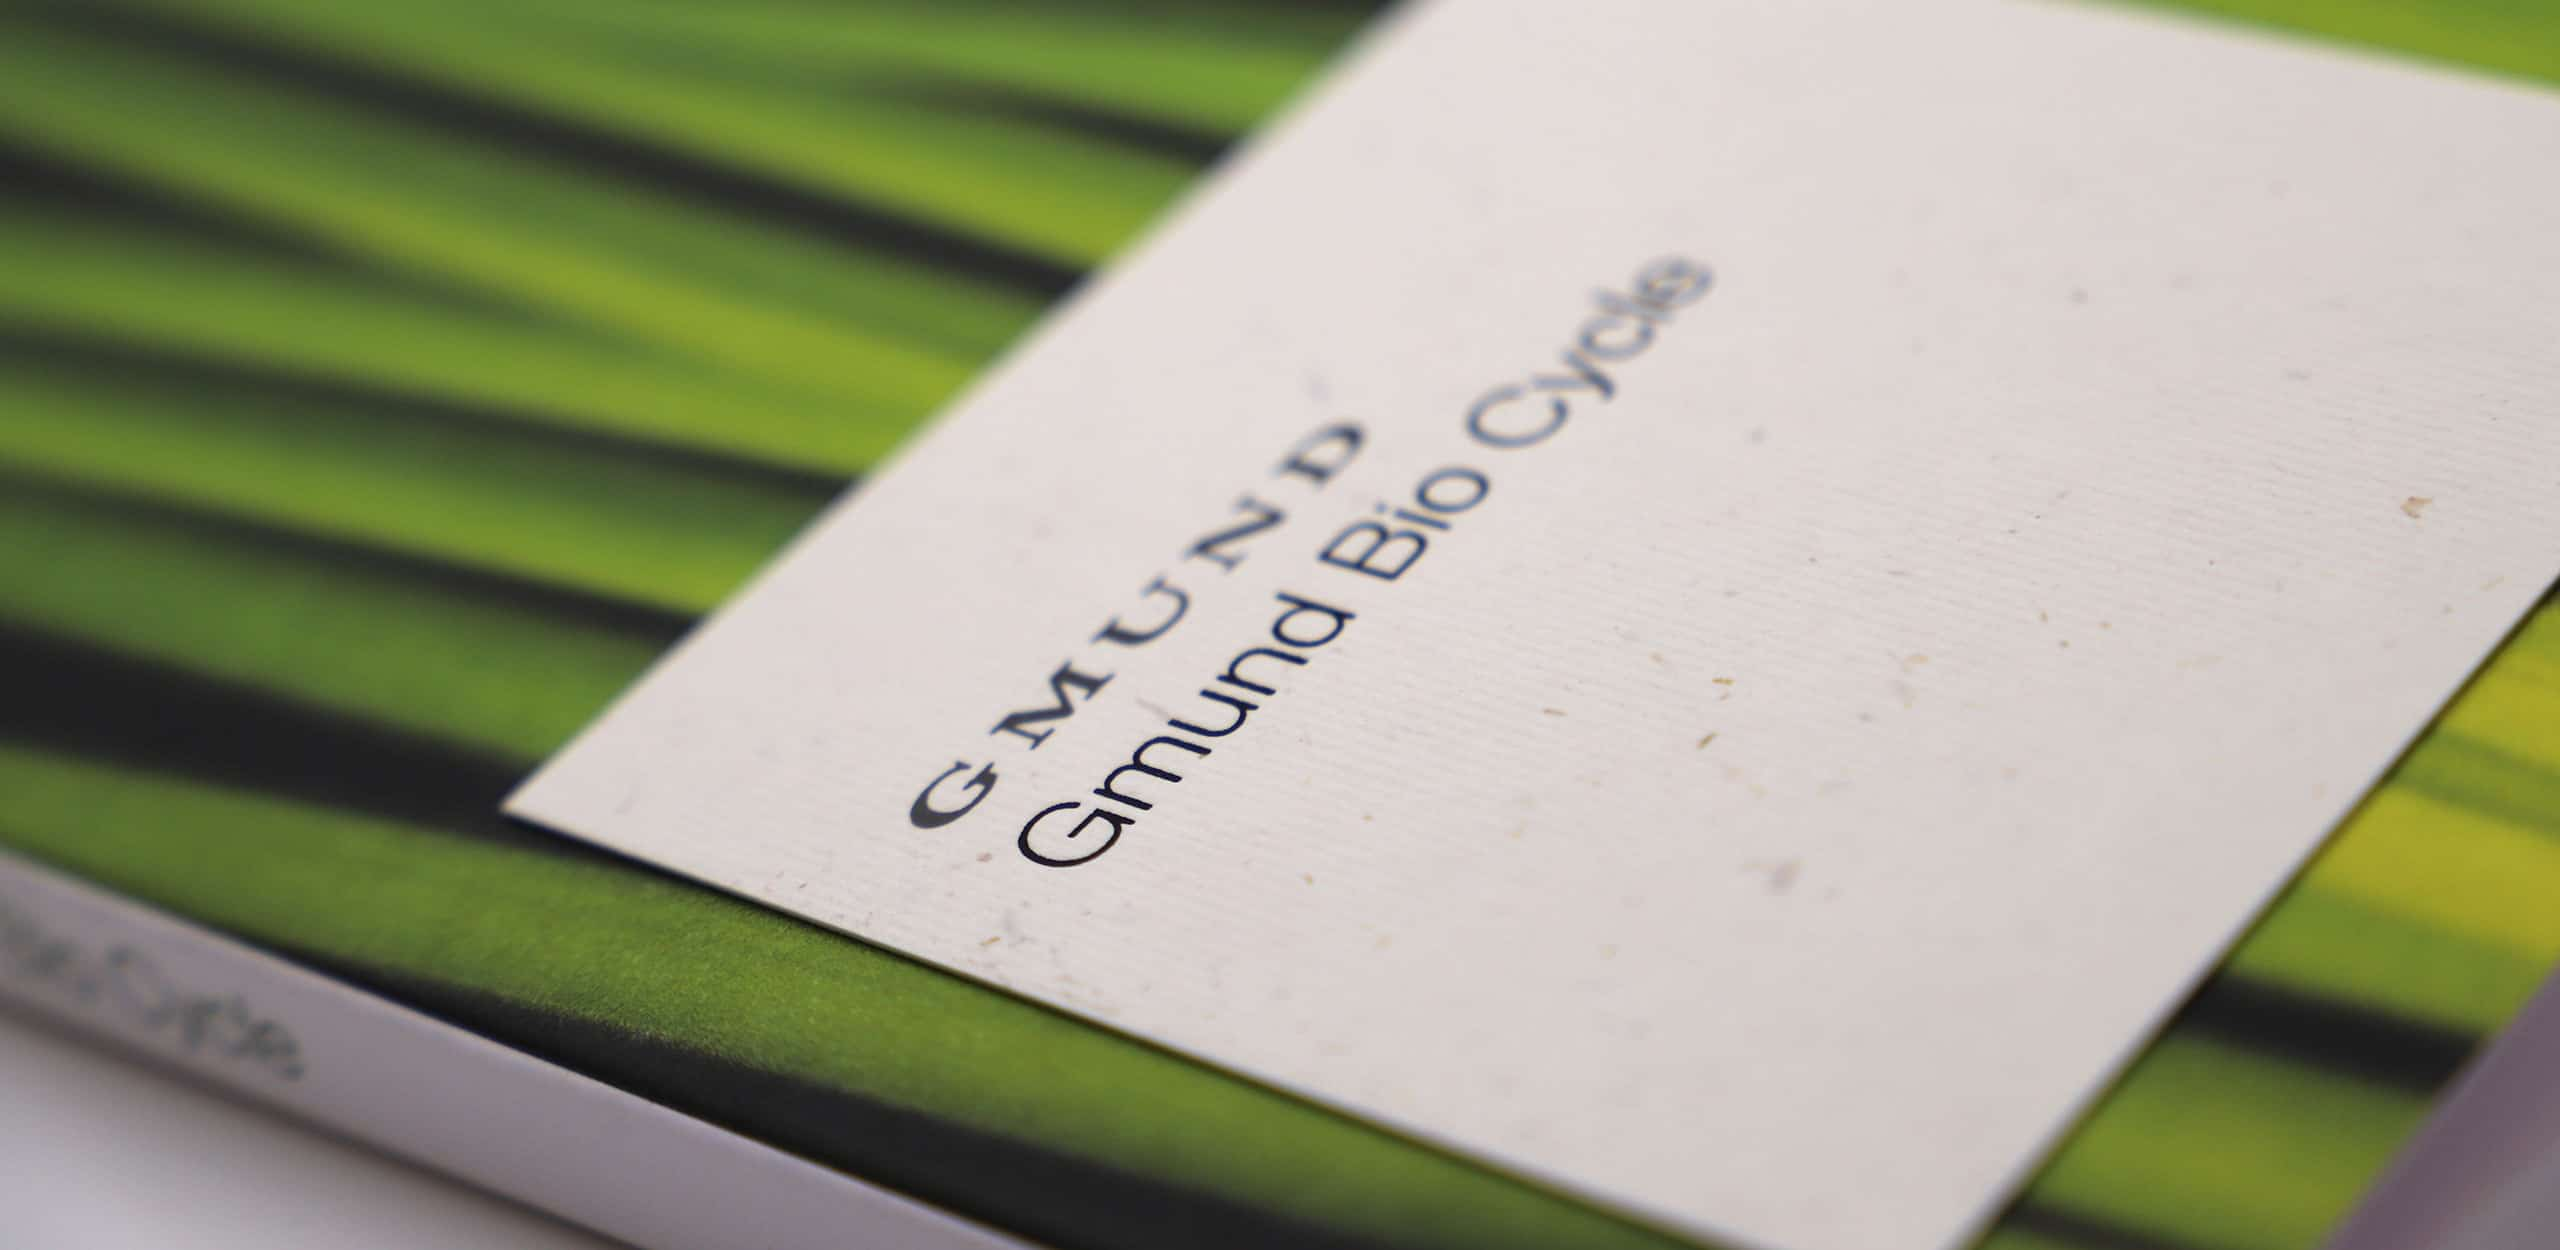 Gmund bio paper